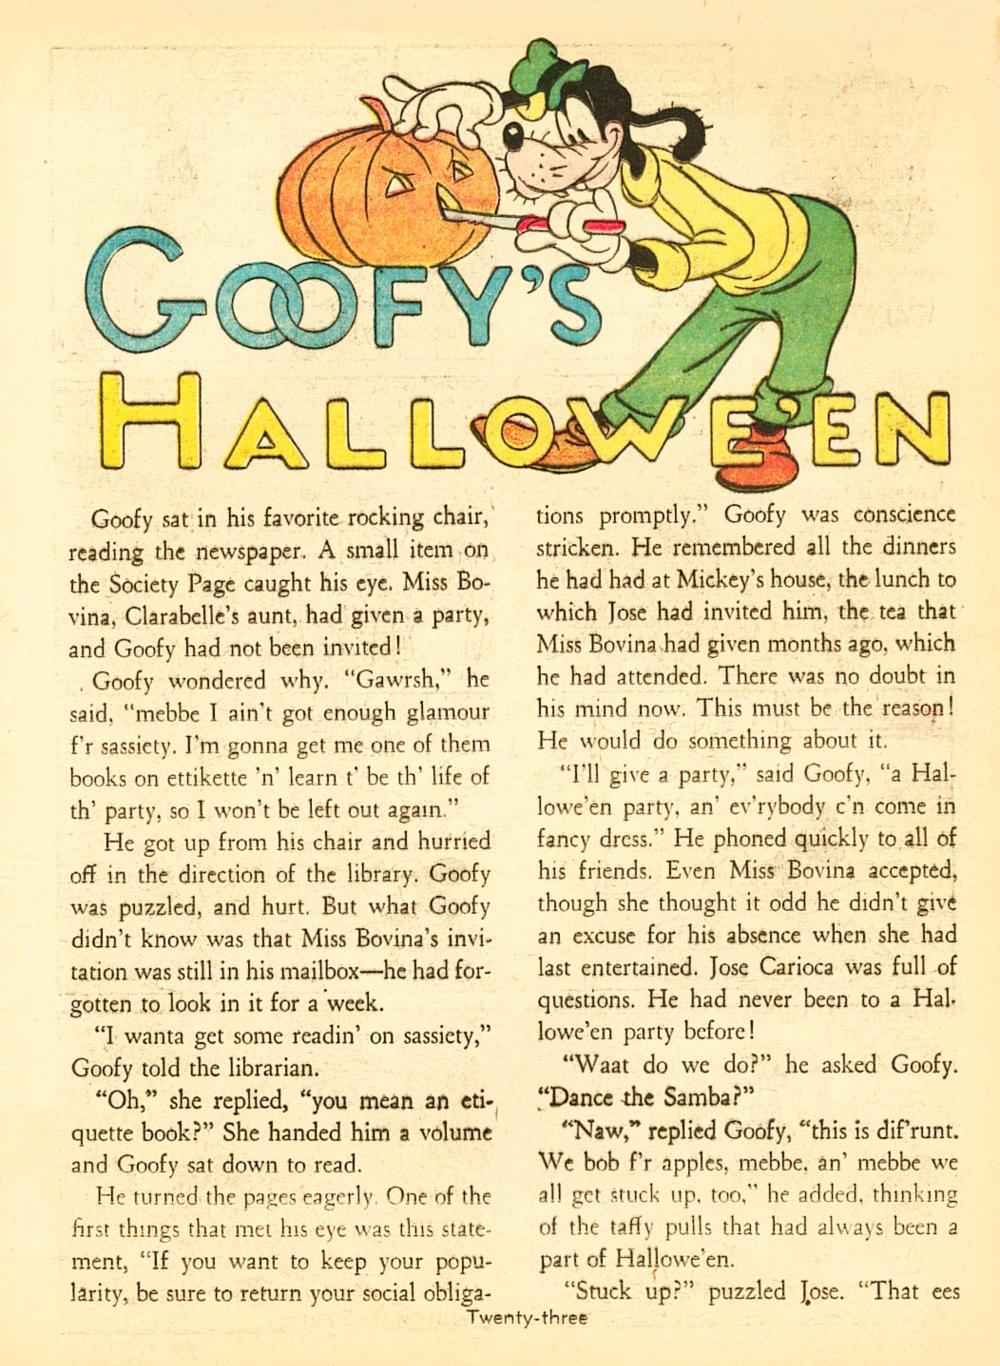 Goofy's Hallowe'en